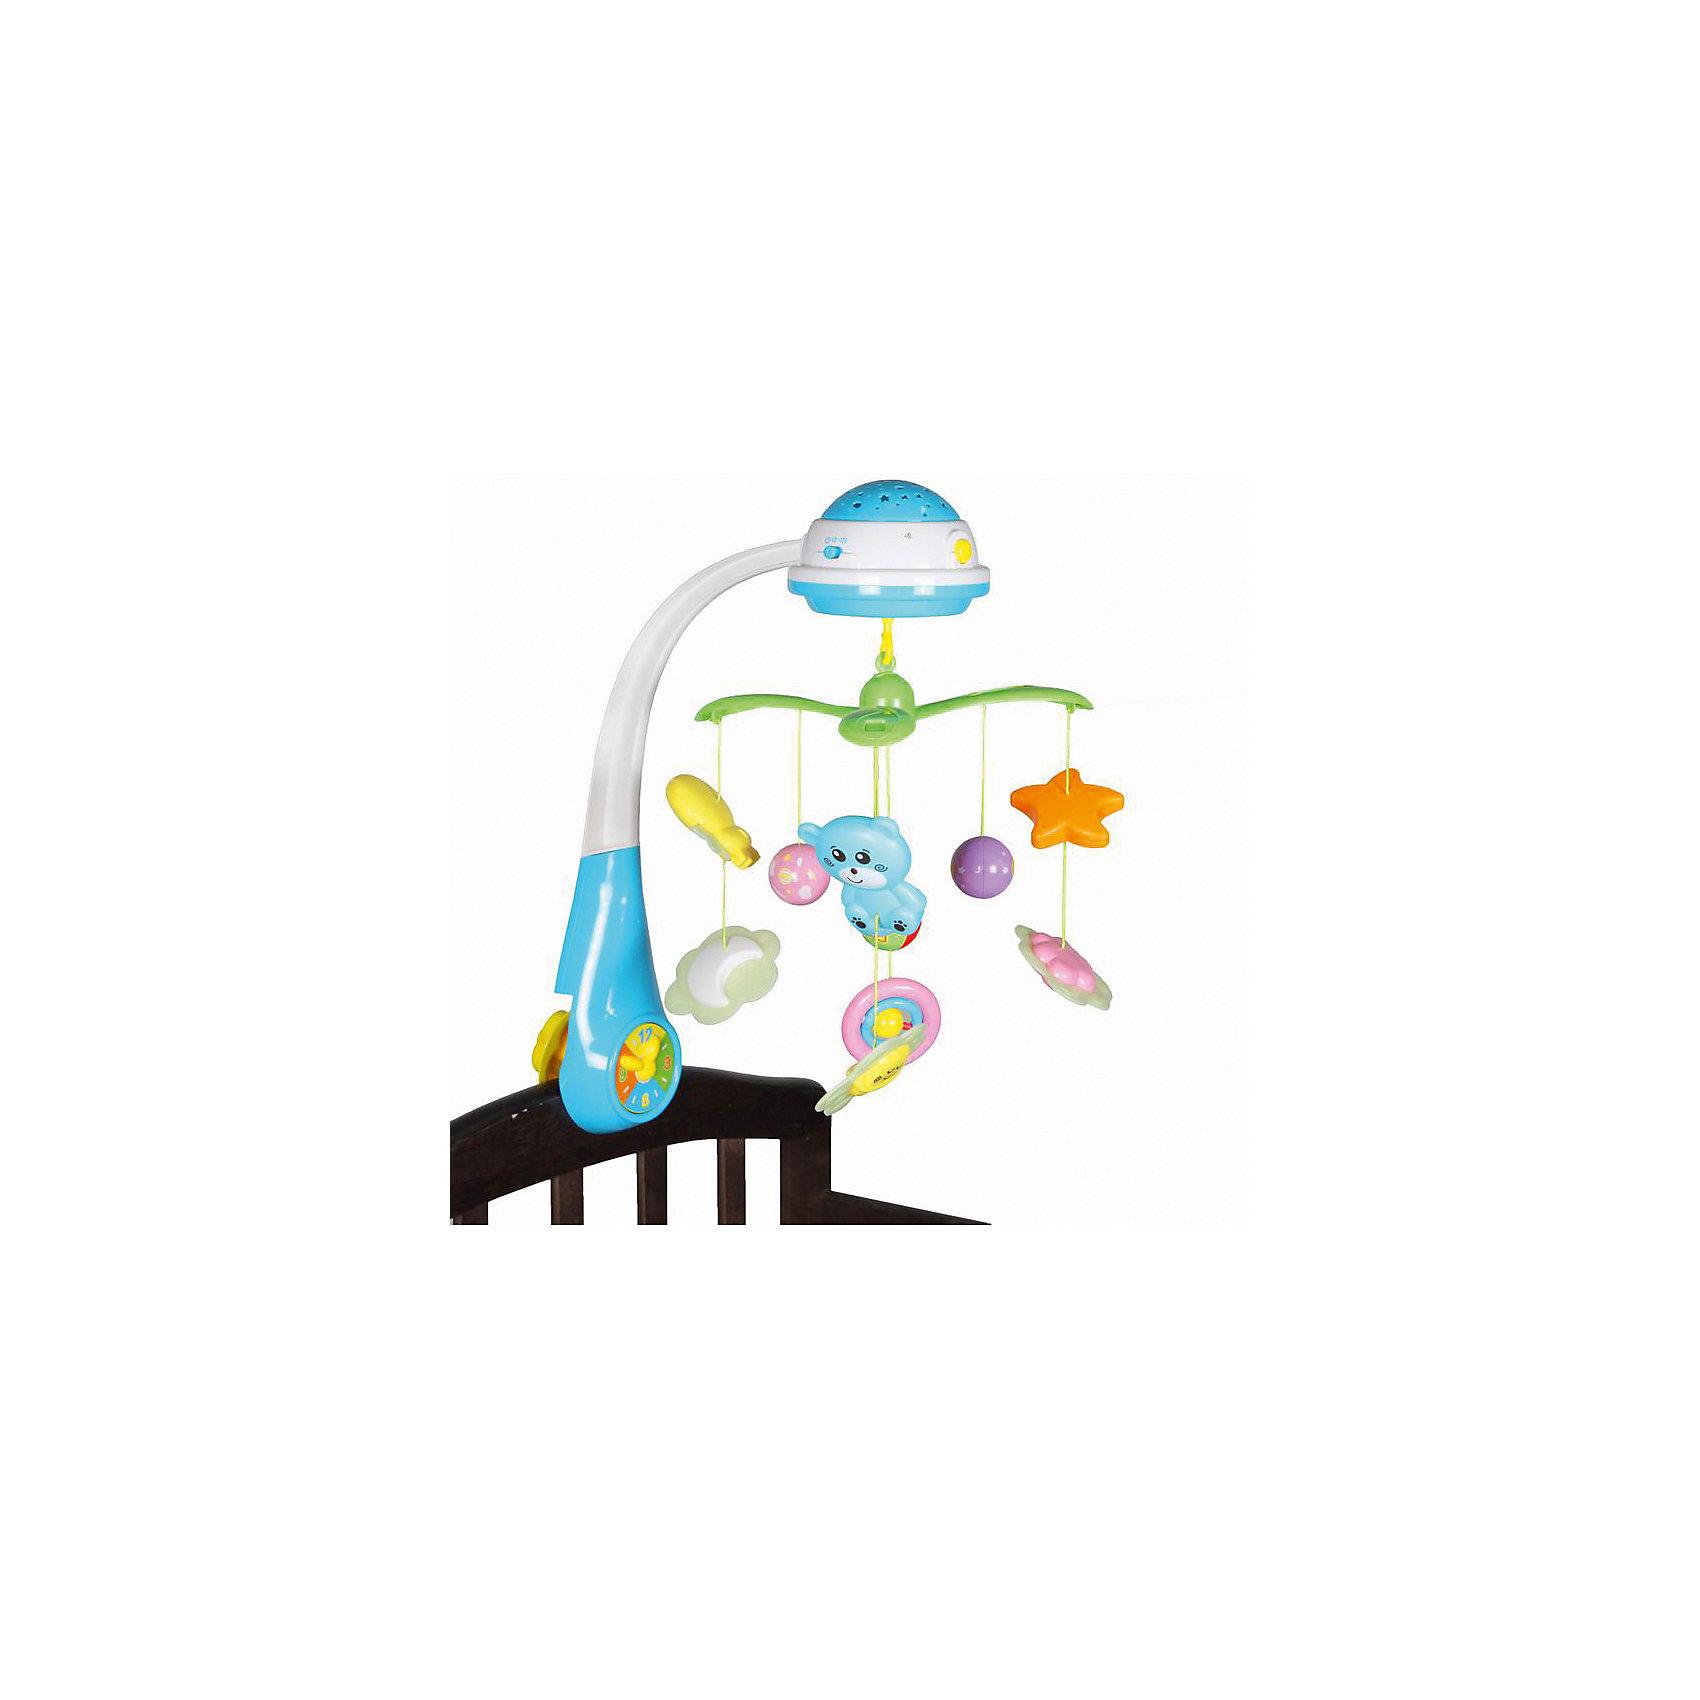 Мобиль-проектор Bairun СветлячкиМобили<br>Характеристики:<br><br>• возраст: от 0 месяцев<br>• количество игрушек: 9<br>• материал: пластик<br>• требуются батарейки<br>• размер упаковки: 57х38х17 см.<br><br>Мобиль-проектор «Светлячок», Bairun (Байран) позволит вашему малышу не только интересно проводить время в своей кроватке, но и легко засыпать, погружаясь в сказочную страну сновидений под приятную мелодию.<br><br>Мобиль выполнен в виде вращающейся карусели. На нем имеются несколько ярких подвесных игрушек. При включении устройства подвесные игрушки начинают вращаться вокруг соей оси и светиться. Также срабатывает встроенный звуковой модуль, который воспроизводит приятные мелодичные звуки. <br><br>Стрелки на часиках, расположенных в месте крепления музыкальной карусели к кроватке, тоже крутятся. Имеется светильник-проектор, который можно использовать в качестве ночника. Мобиль изготовлен из высококачественного пластика, легко устанавливается и надежно крепится на спинке кроватки.<br><br>Мобиль-проектор Светлячок, Bairun (Байран) можно купить в нашем интернет-магазине.<br><br>Ширина мм: 570<br>Глубина мм: 380<br>Высота мм: 170<br>Вес г: 2237<br>Возраст от месяцев: -2147483648<br>Возраст до месяцев: 2147483647<br>Пол: Унисекс<br>Возраст: Детский<br>SKU: 6841726